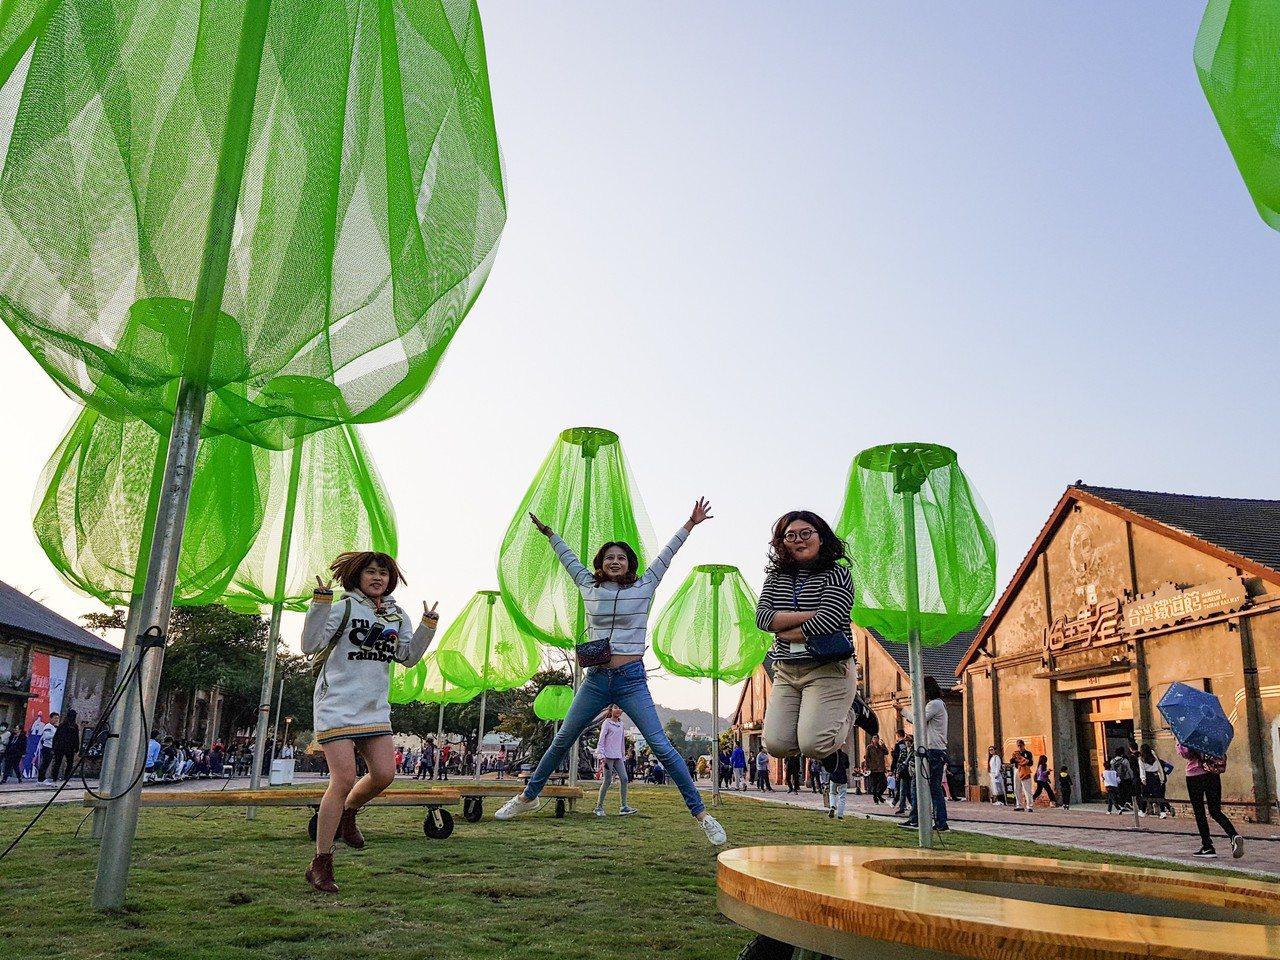 駁二藝術特區邀請韓國知名新銳建築師梁秀印跨國合作,打造全新動力裝置作品「遠心林C...